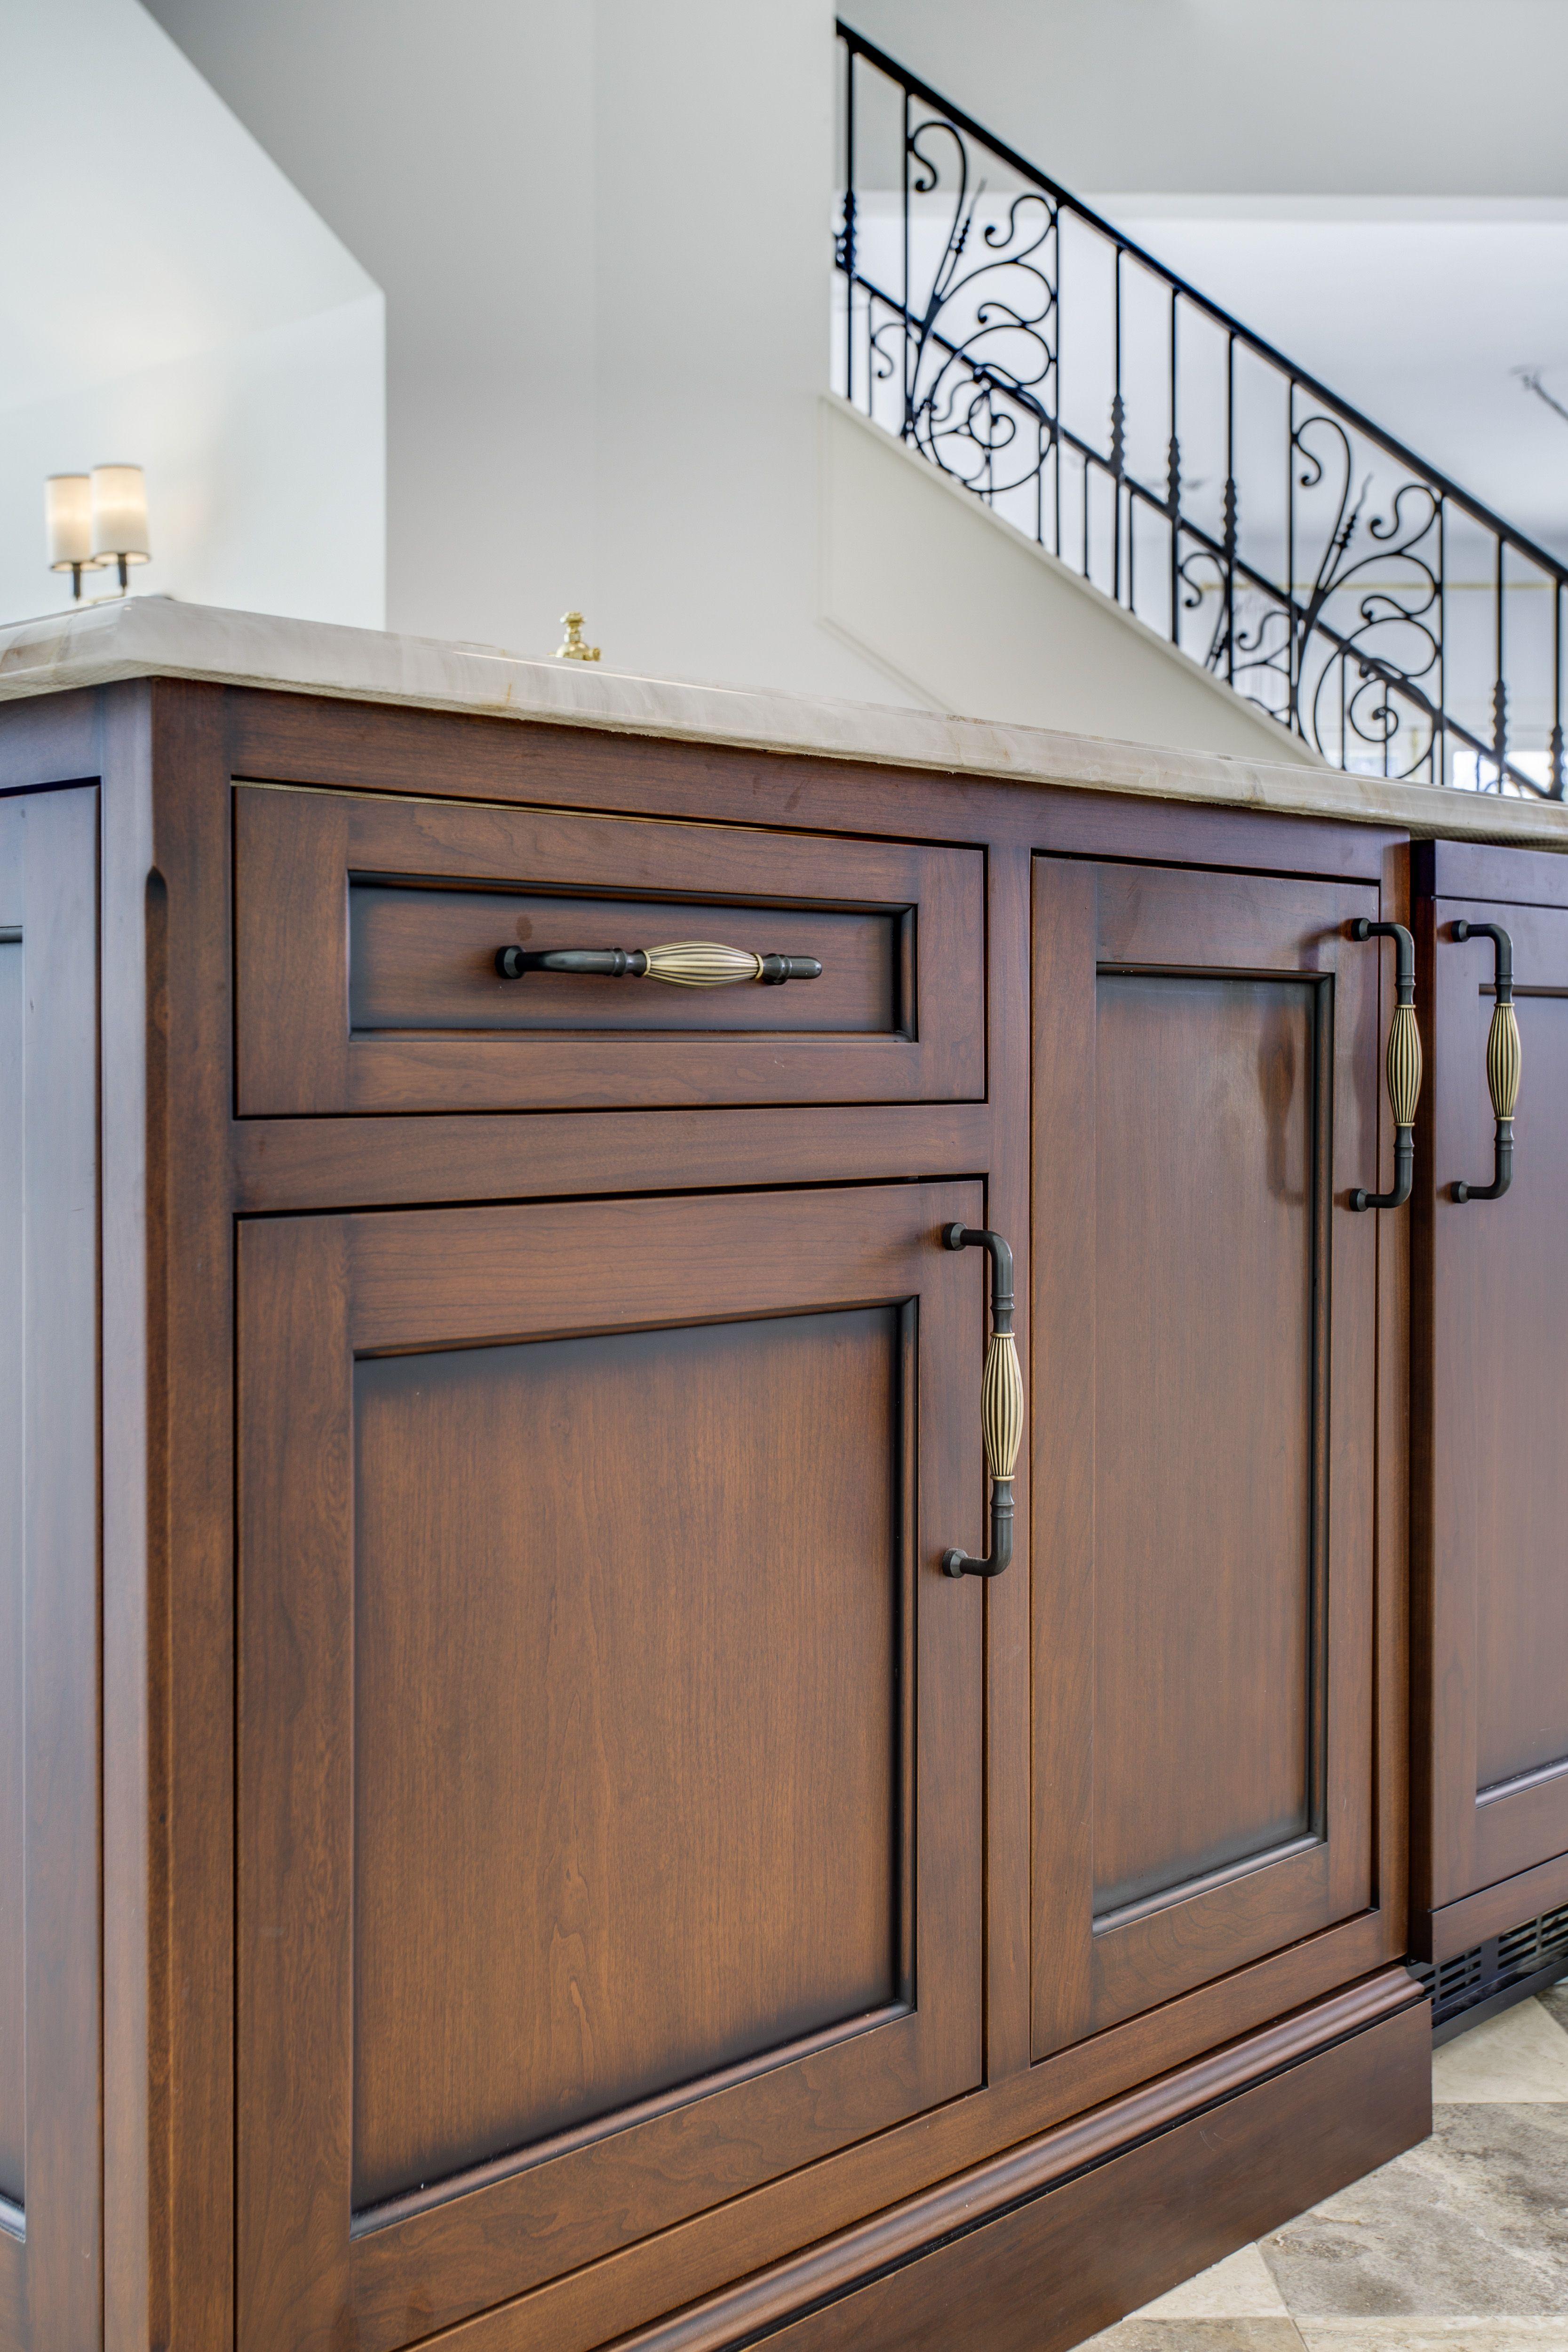 Top Knobs Dark Antique Brass Tuscany Pull, Kitchen Hardware Design Idea,  Brass Trend,